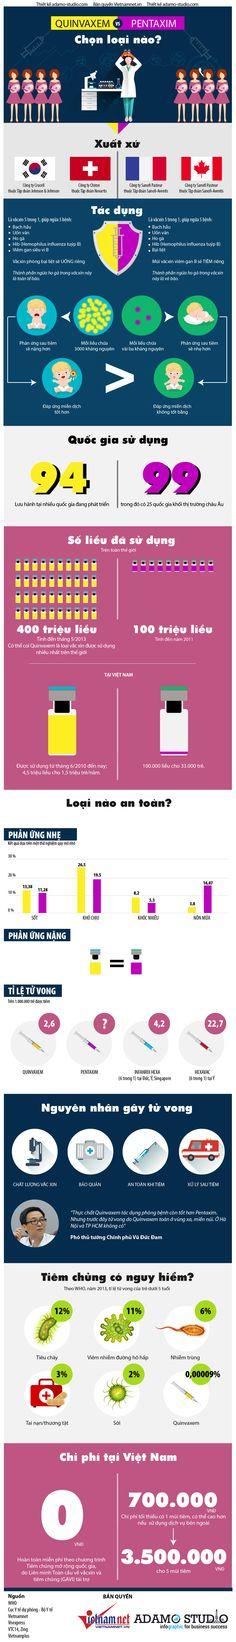 Quinvaxem hay Pentaxin? Tiêm cái nào? [Infographic]